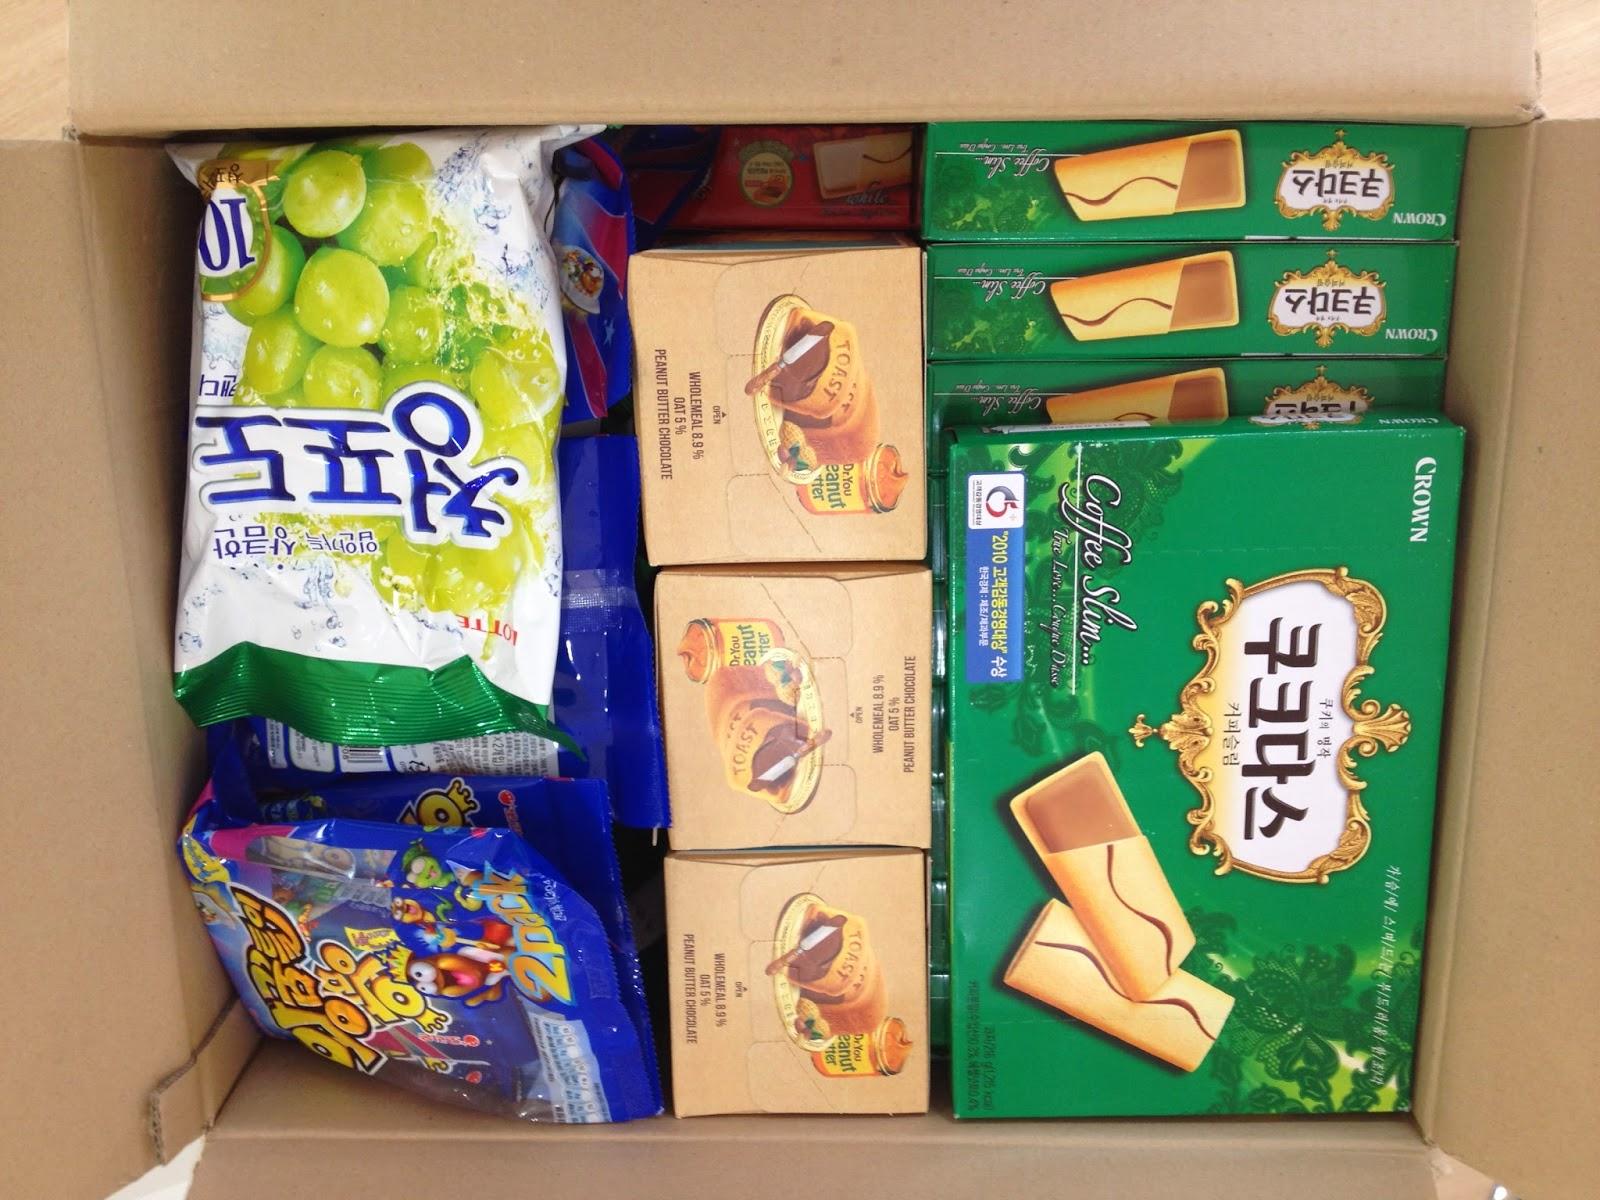 17茶, EMS, Letto, 代購, 巧克力, 巧克力餅乾, 拍賣, 柚子茶, 樂天, 泡麵, 現貨, 葵花子, 賣場, 進貨, 雅虎, 露天, 韓國, 預購